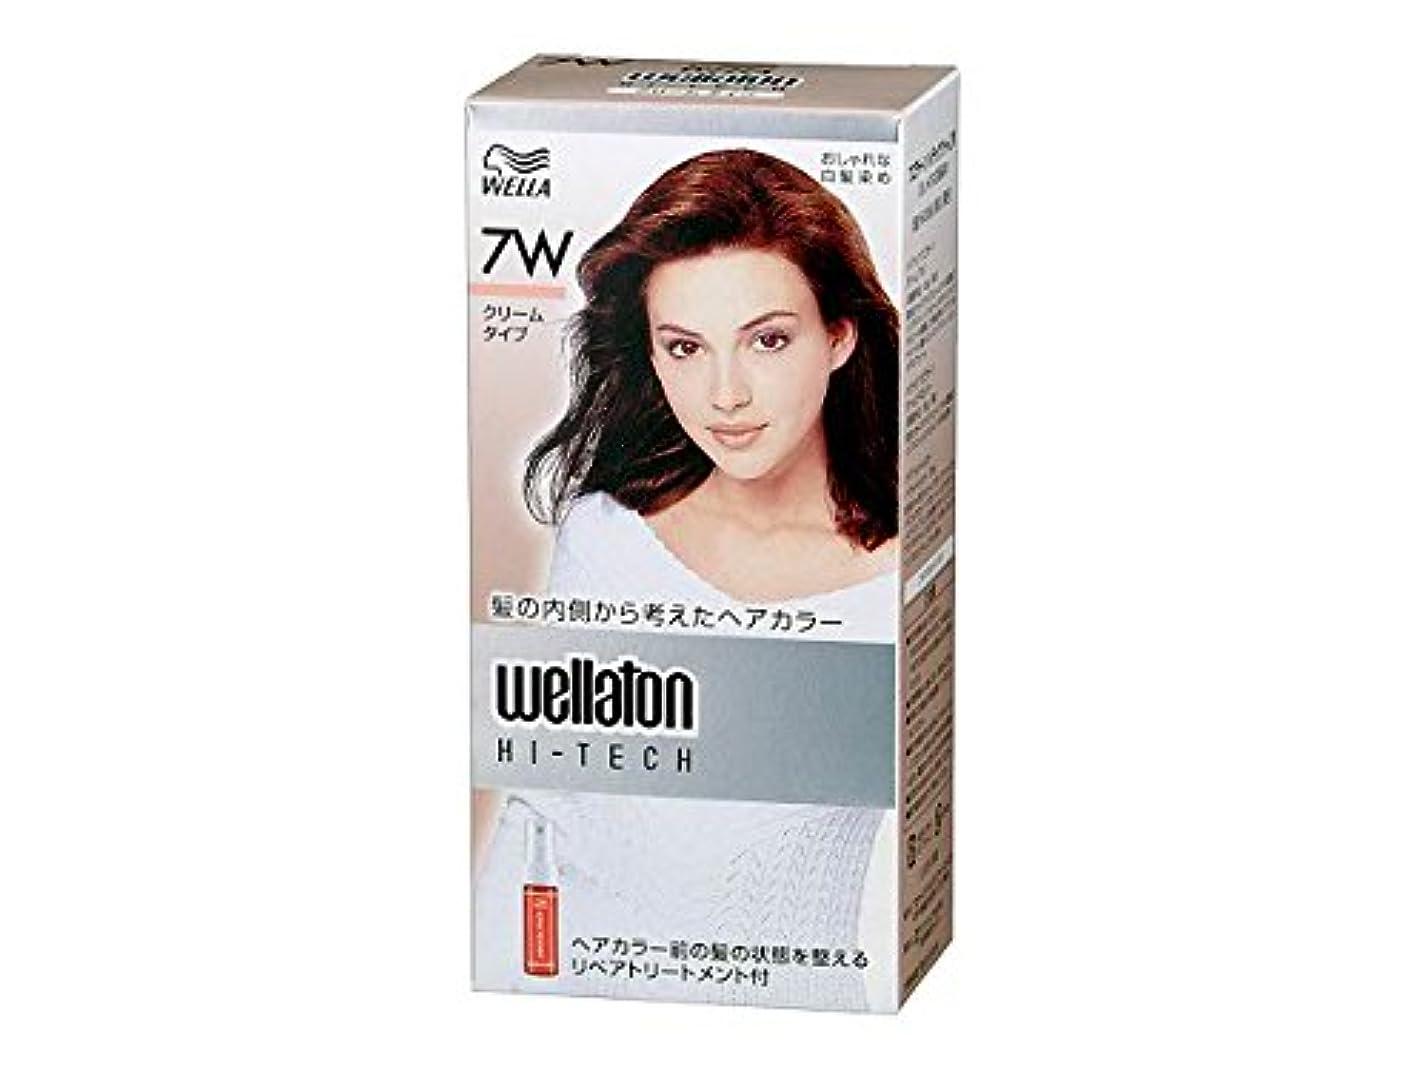 控える流産の間に【ヘアケア】P&G ウエラトーン ハイテック クリーム 7W 暖かみのある明るい栗色 医薬部外品 白髪染めヘアカラー(女性用)×24点セット (4902565140541)